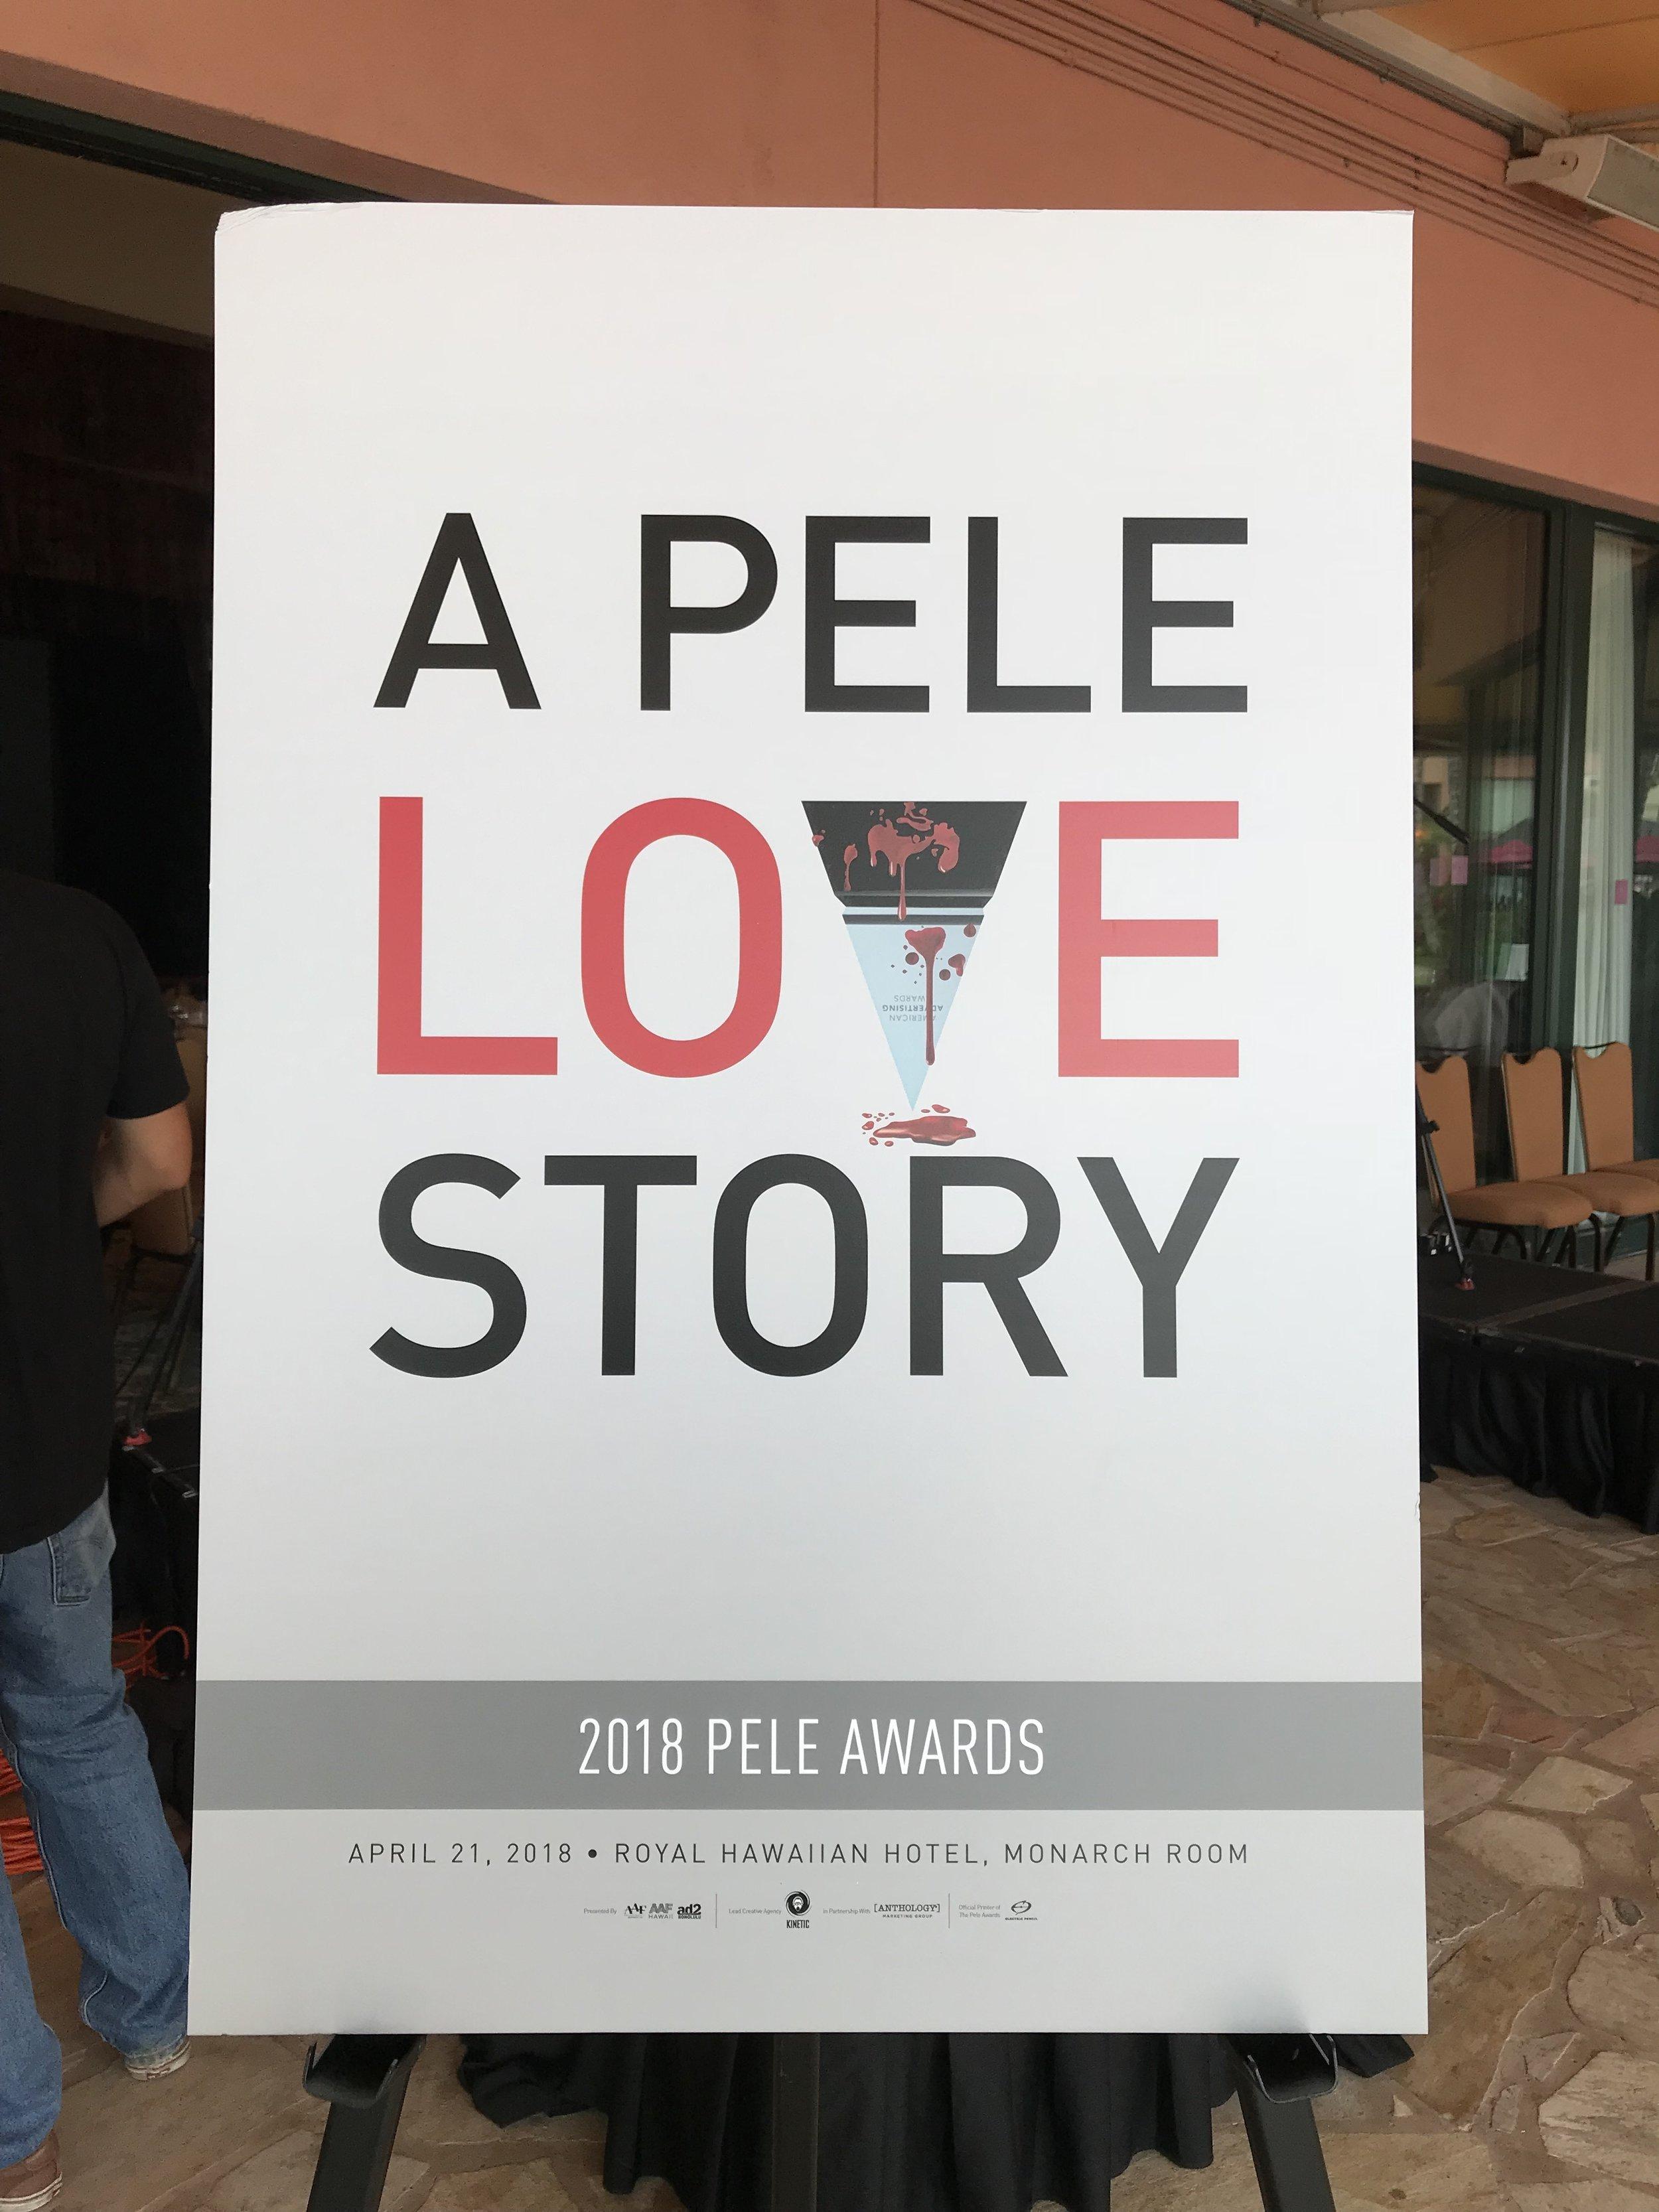 Curate-2018-Pele-Awards-Poster.jpg